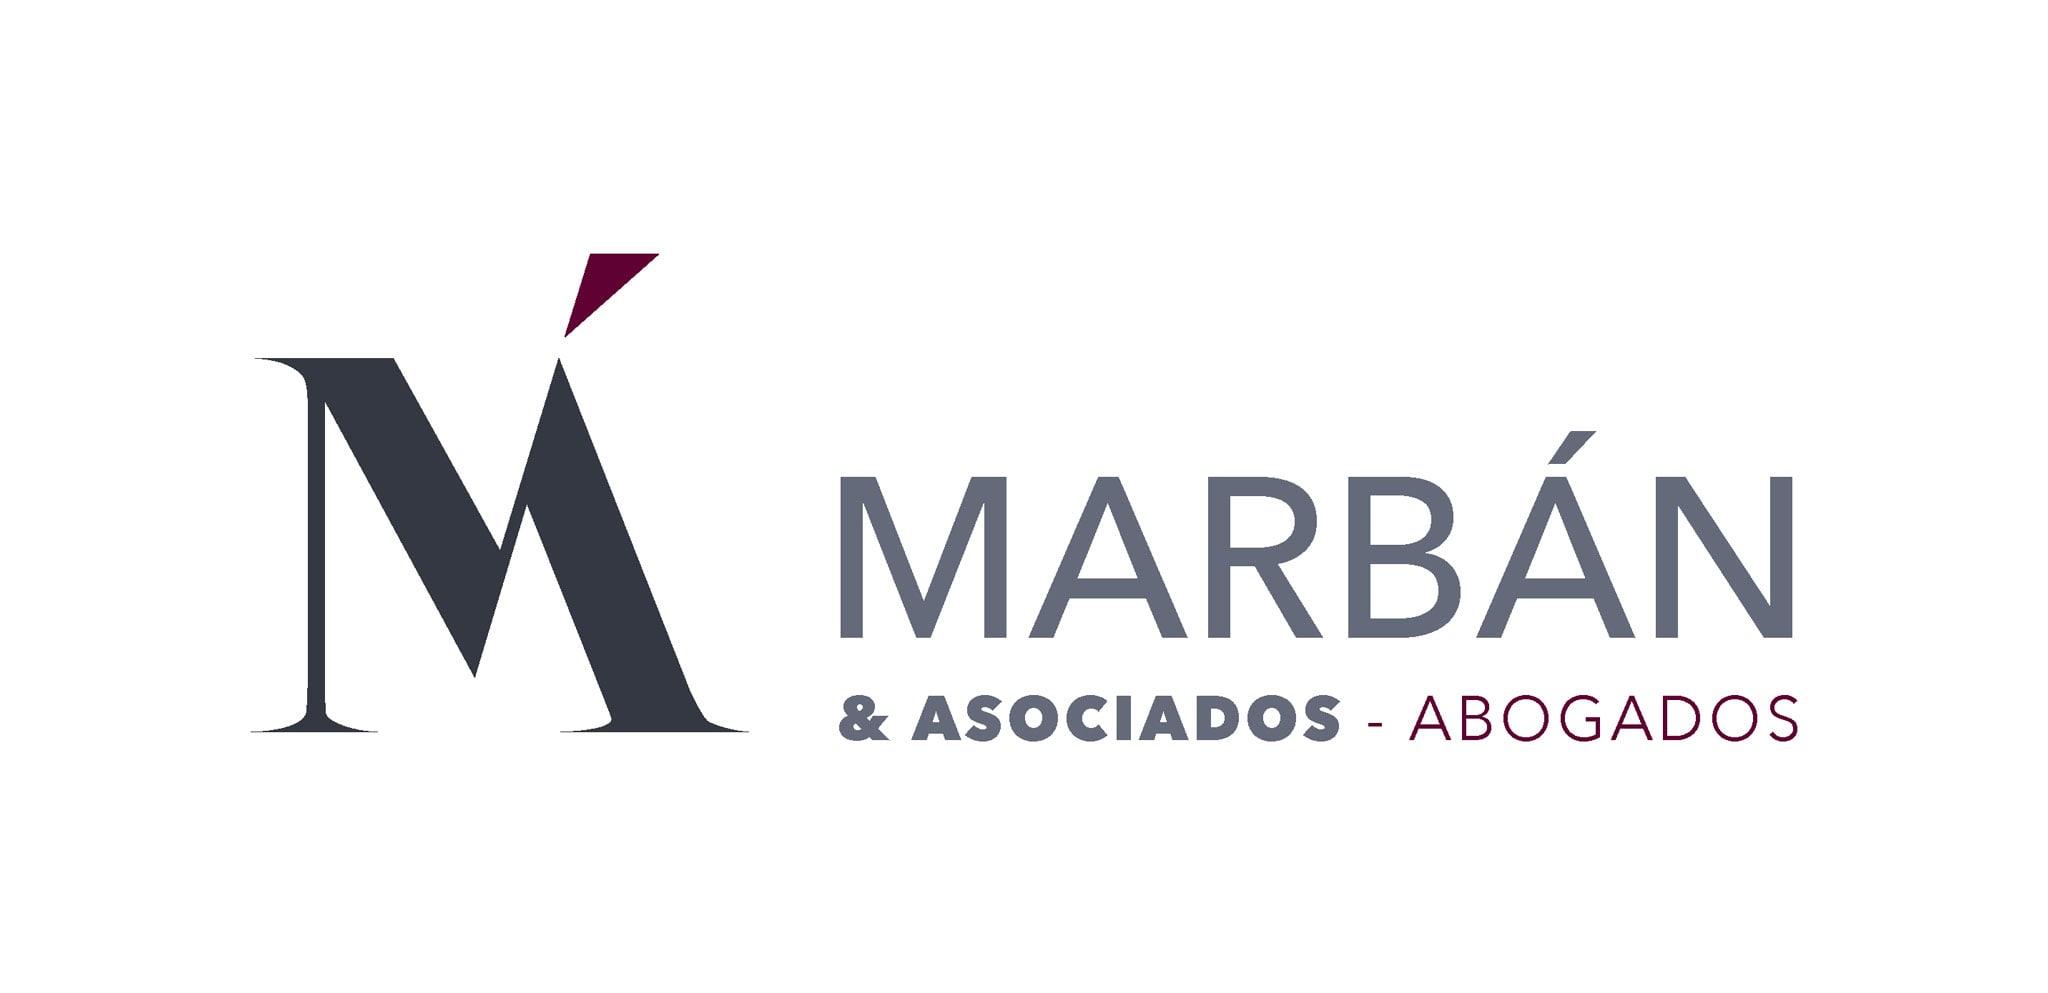 Marca de Marbán & Asociados - Abogados